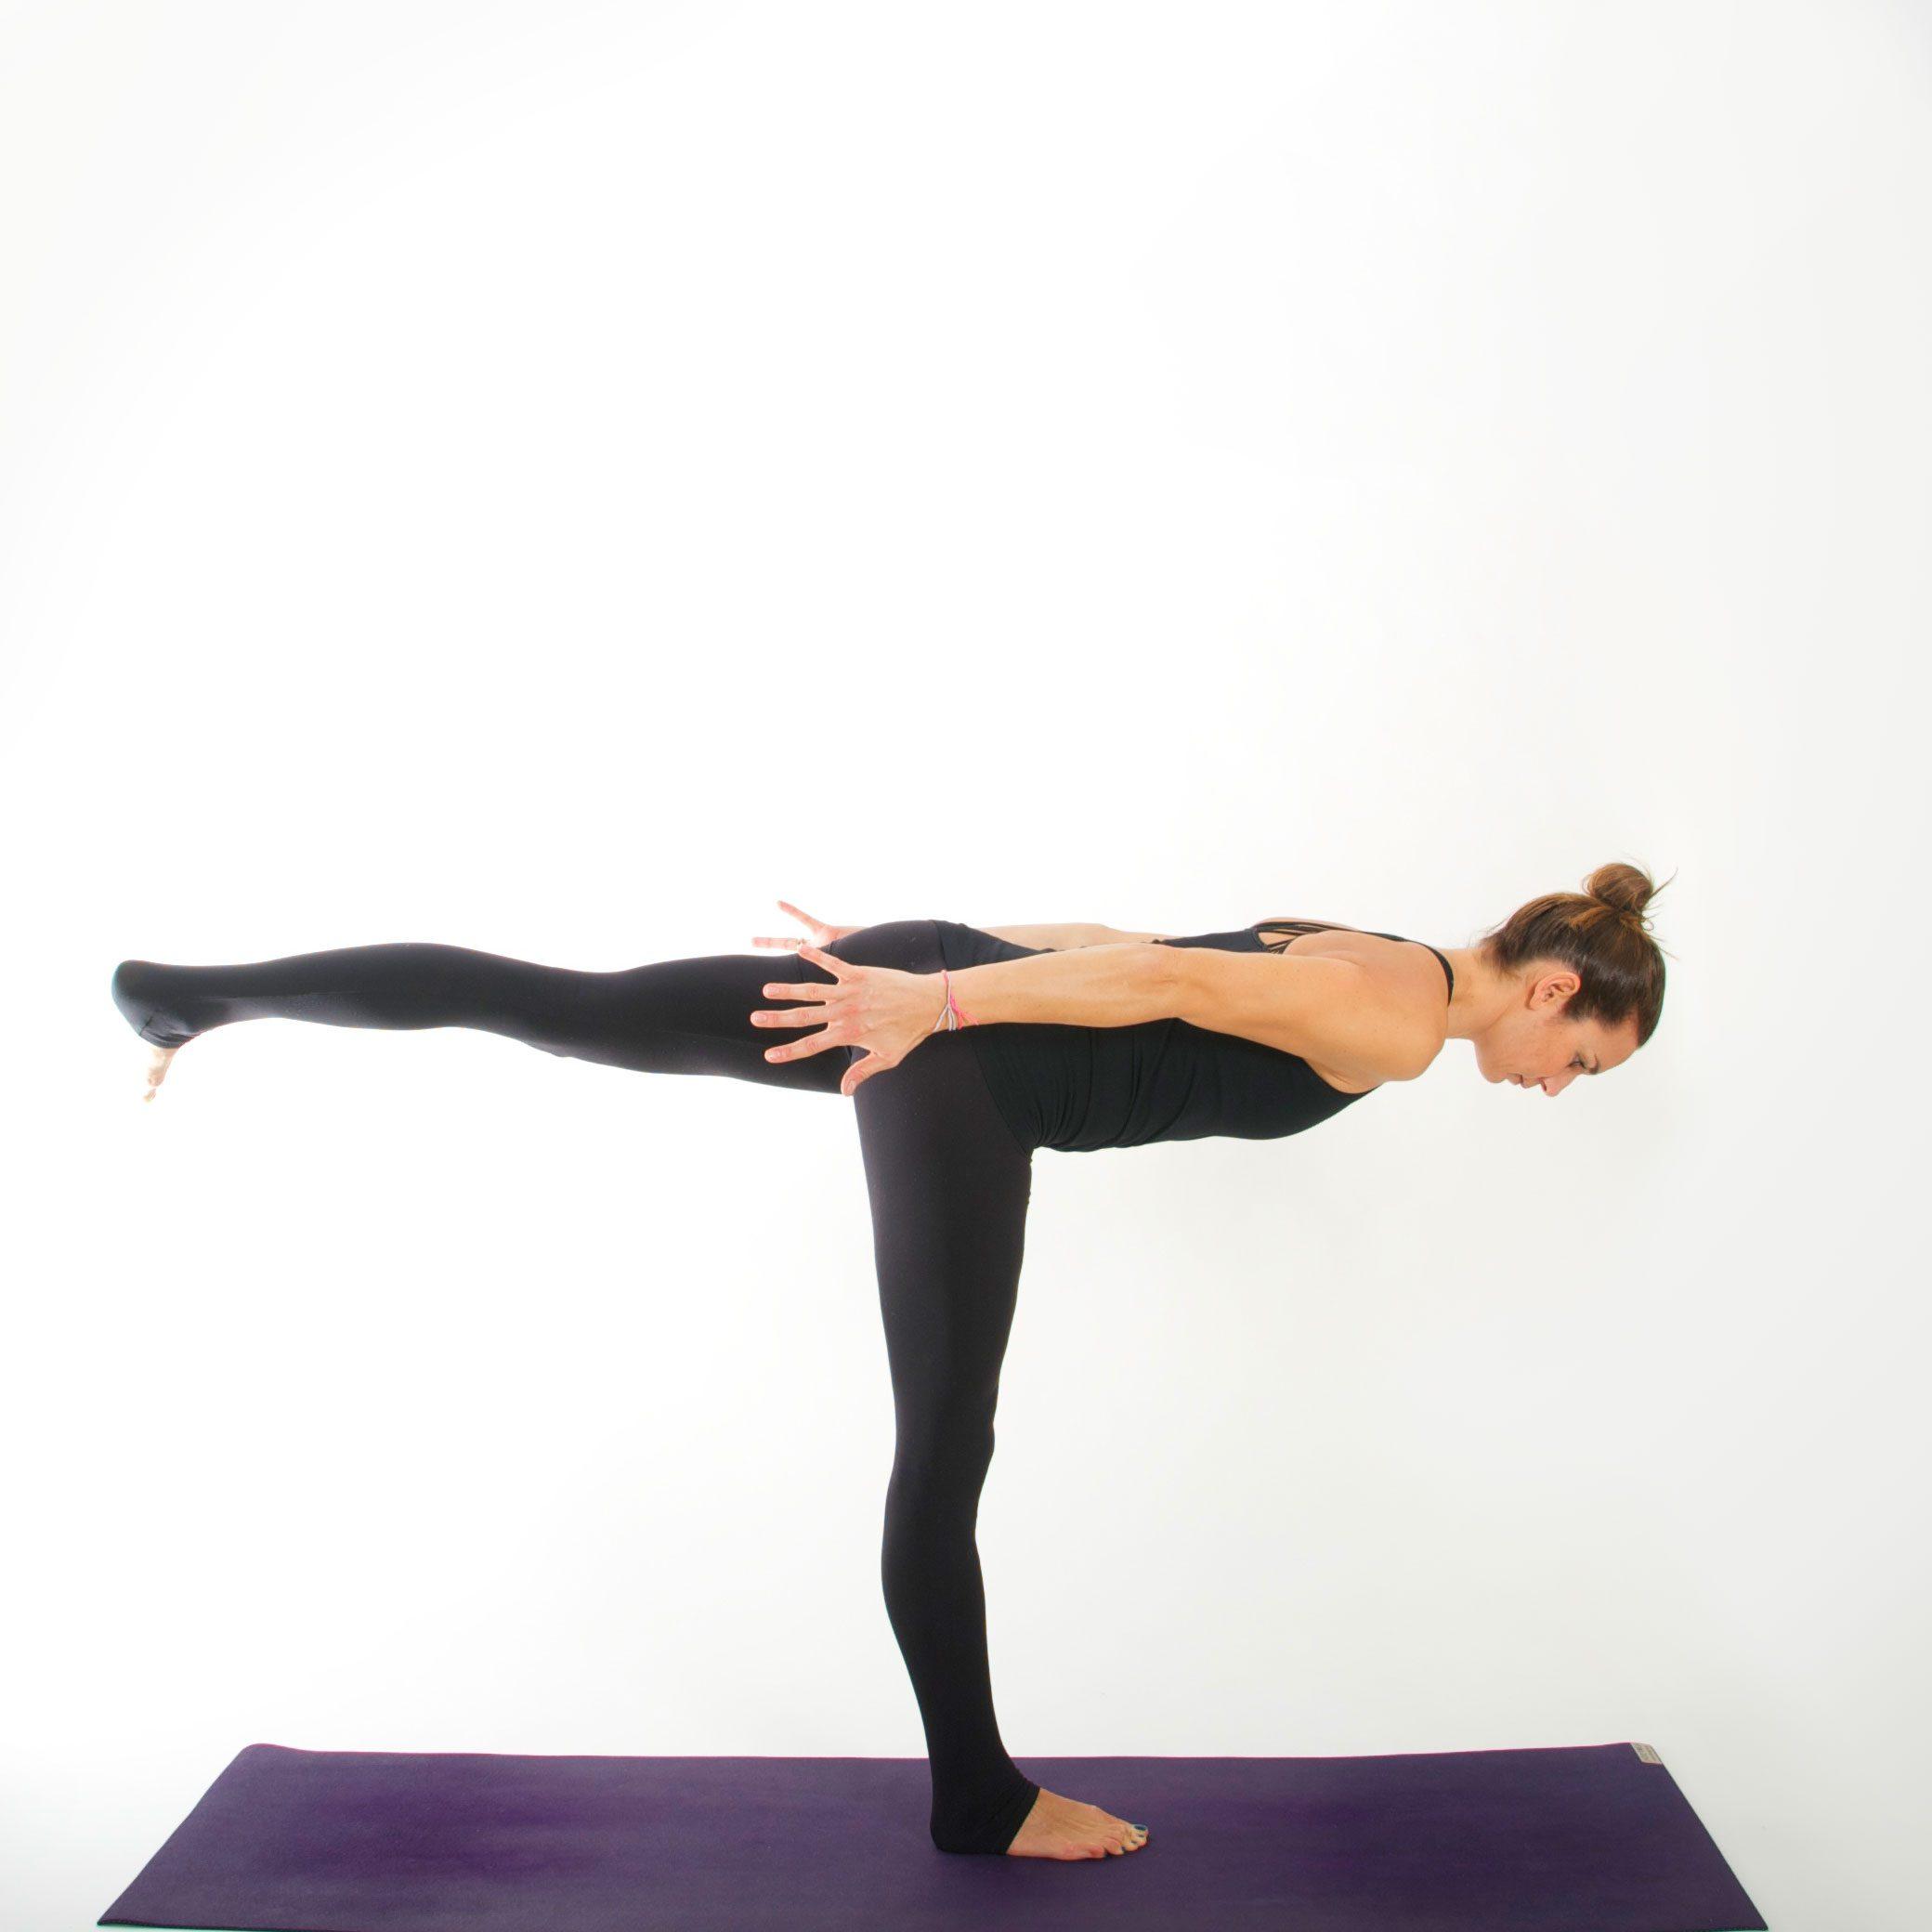 Yoga Asana I KRIEGER III I myyogaflows